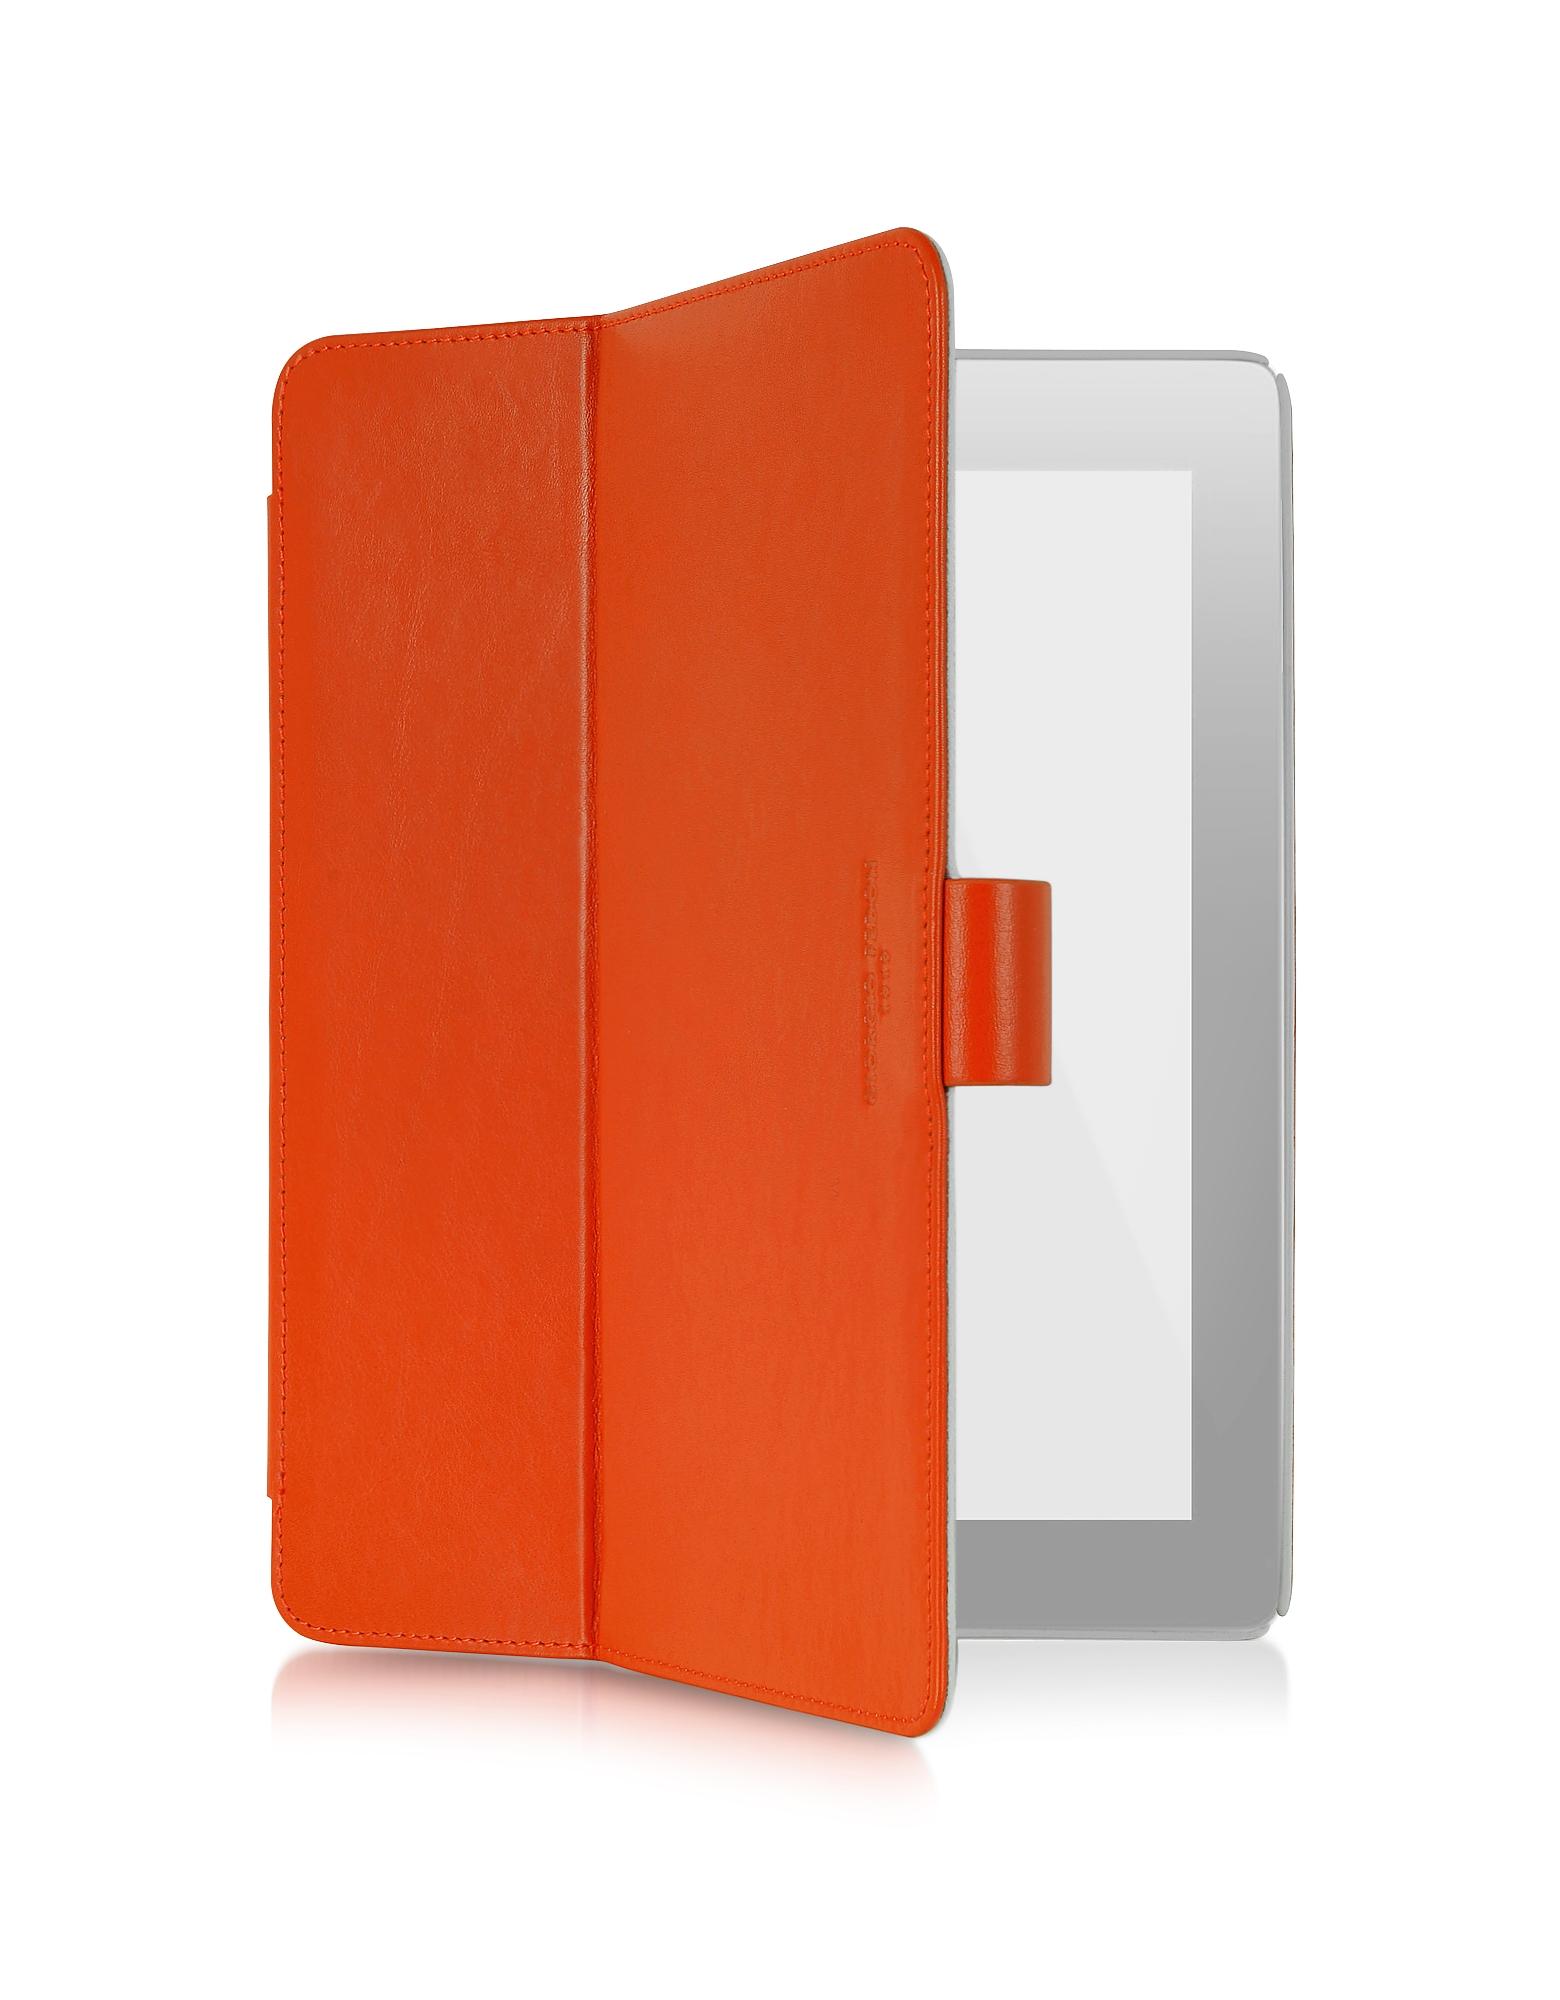 Giorgio Fedon 1919 ���� ��� iPad 2 �� ����������� ����